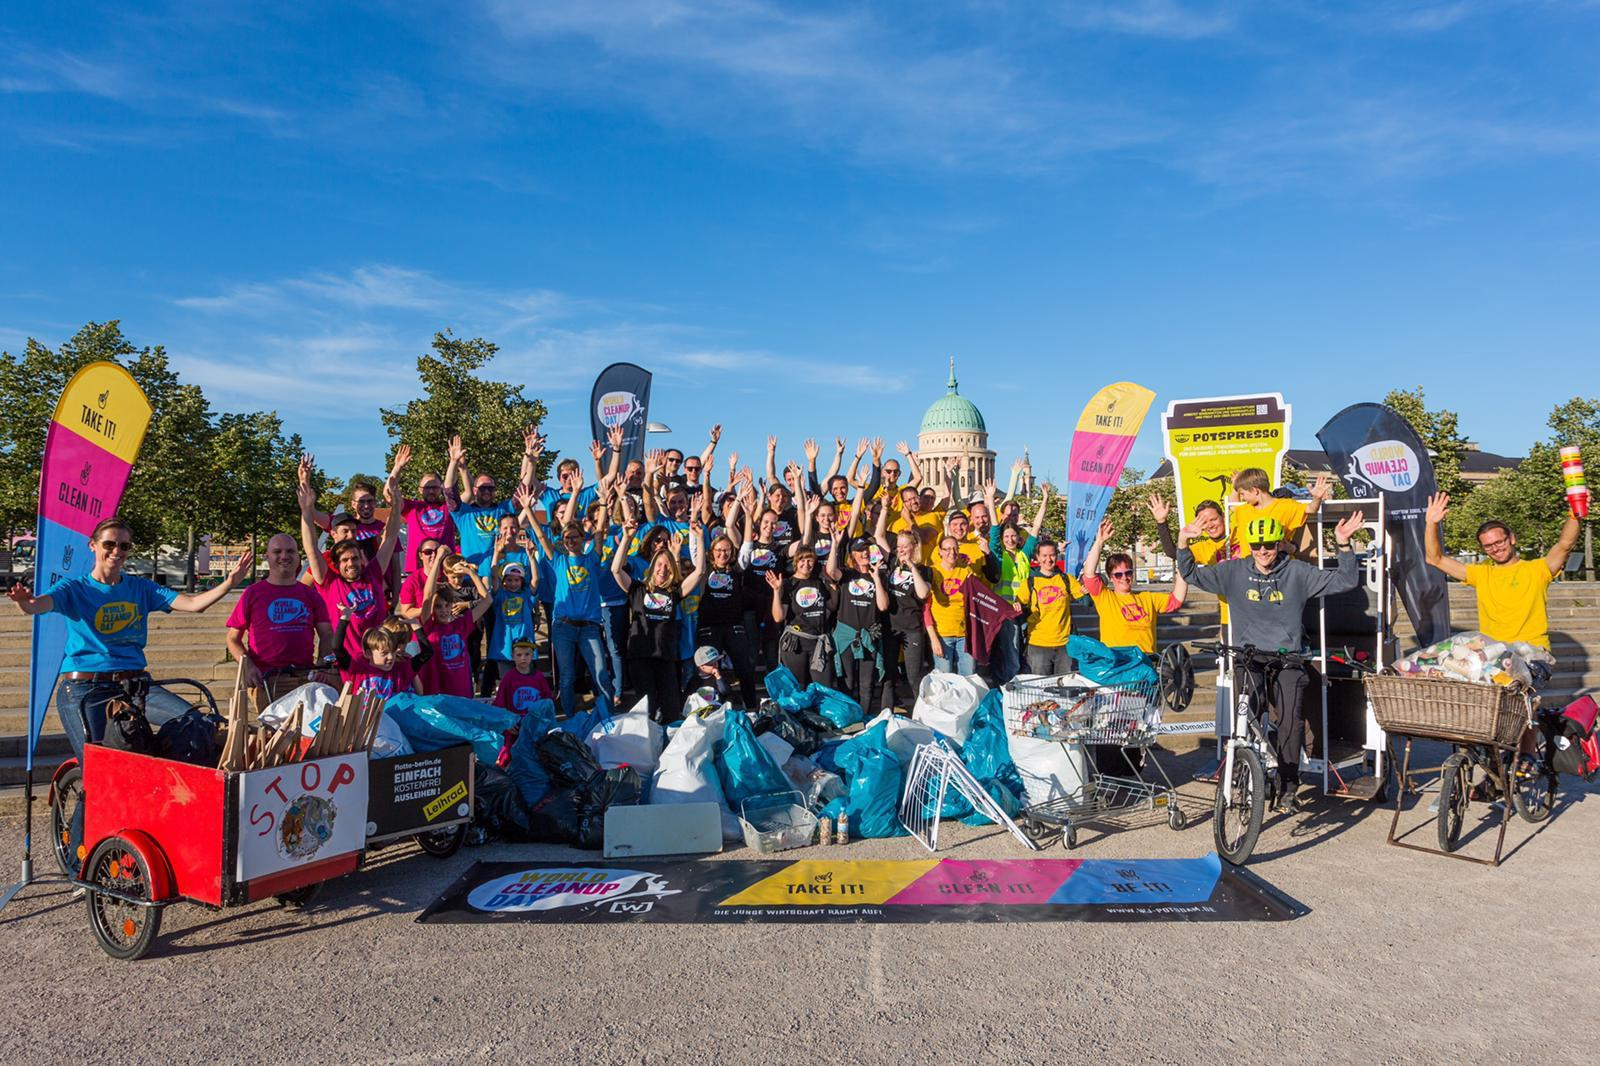 World Cleanup Day 2020 - Potsdam macht sauber (Brandenburg)